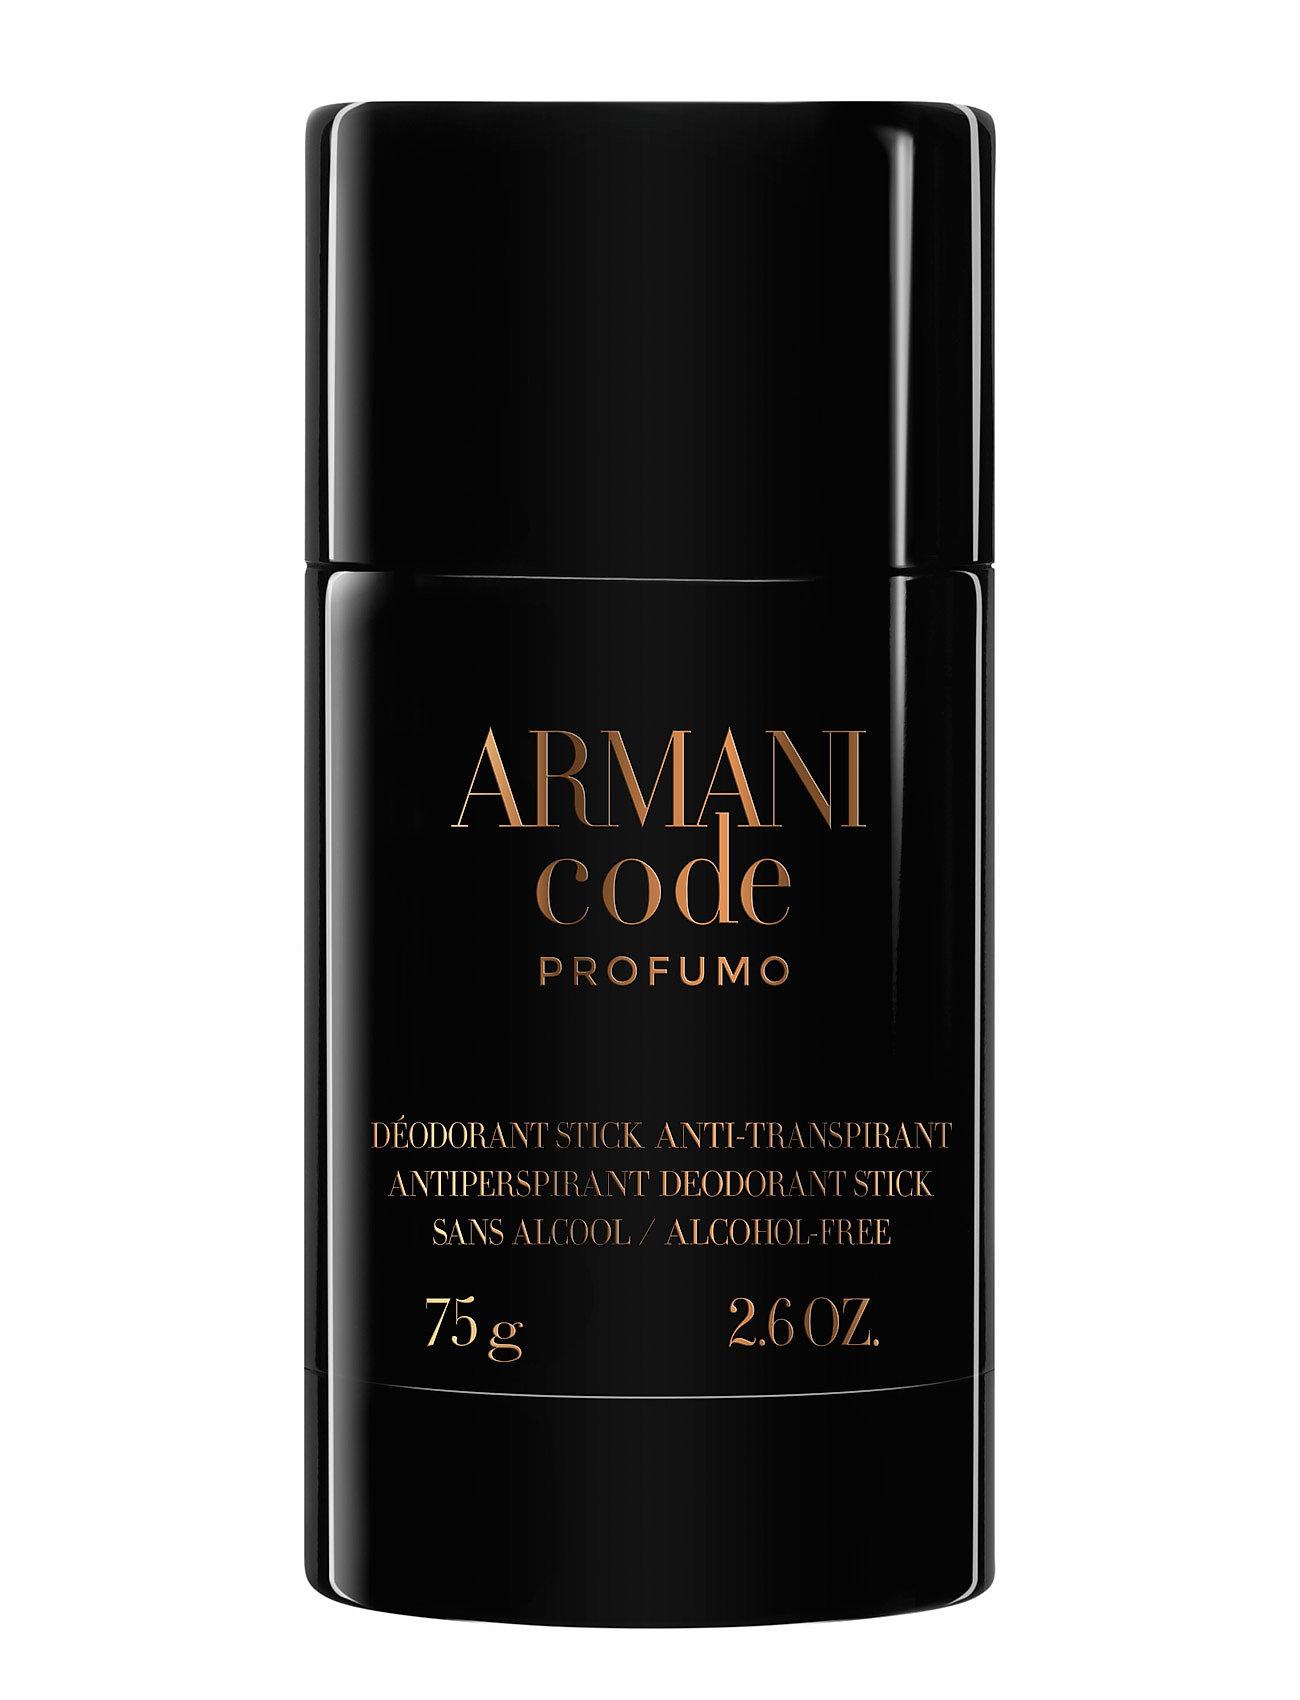 Giorgio Armani Armani Code Profumo Deo Stick 75 gr - CLEAR